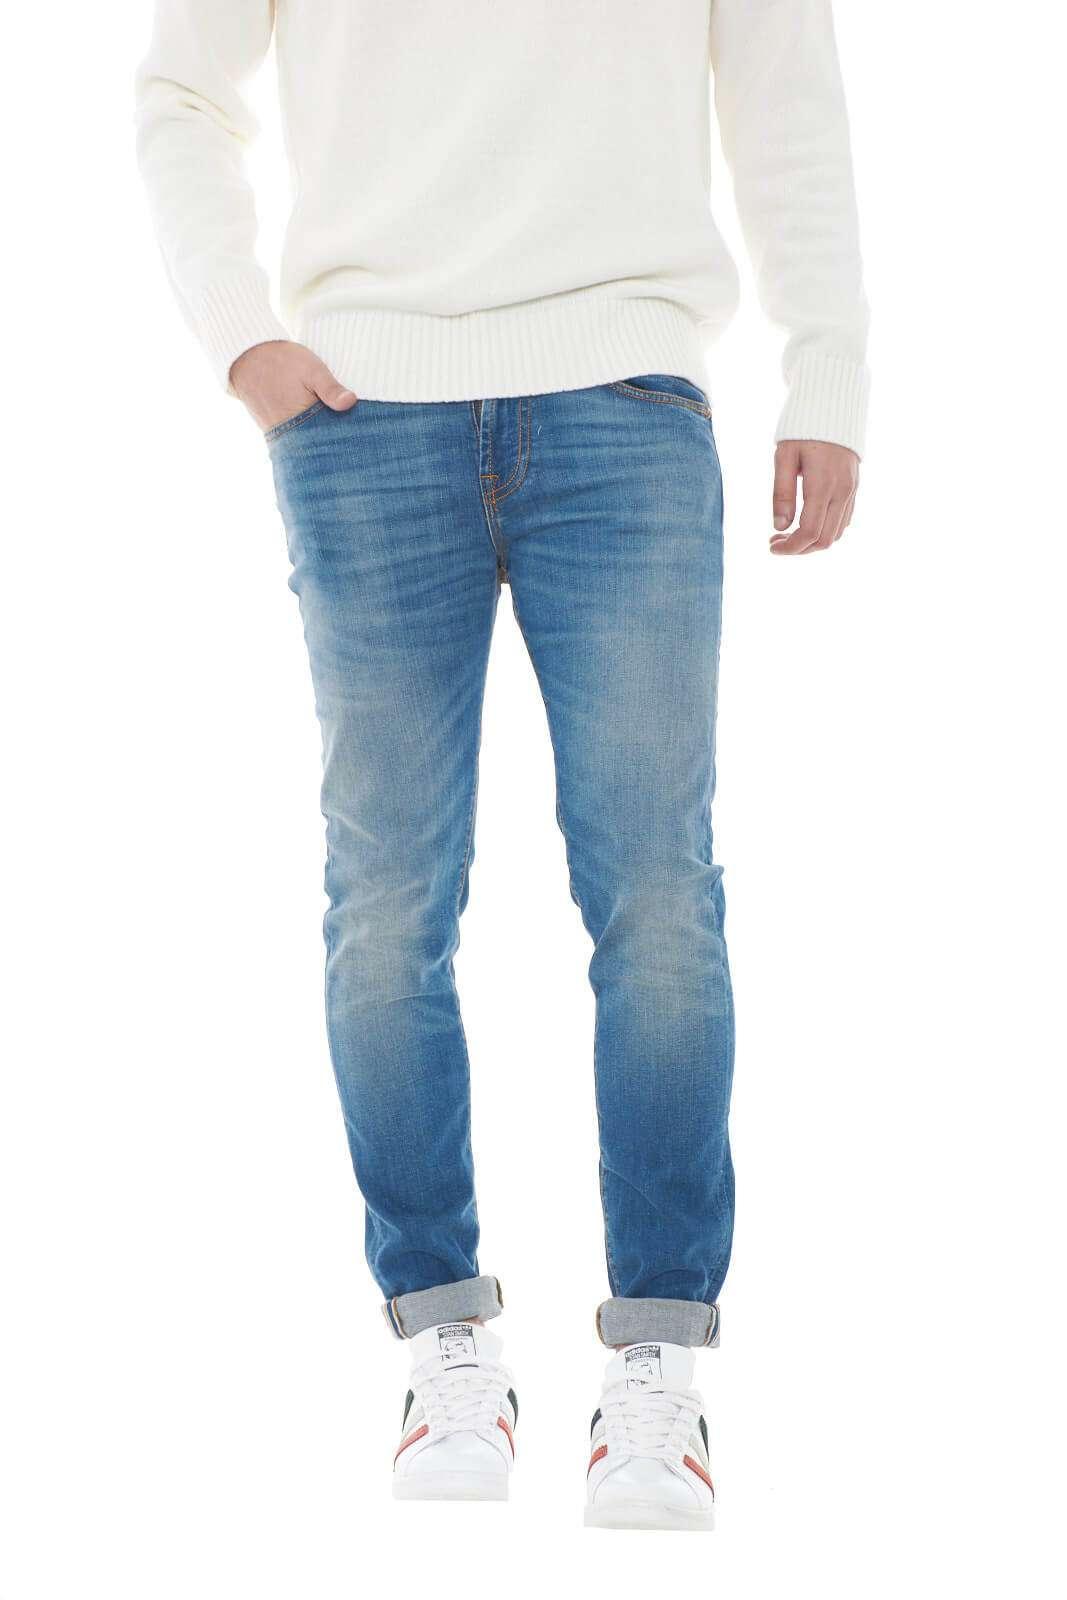 Un jeans dal carattere quotidiano la proposta della collection uomo Roy Roger's. Il lavaggio medio lo rende versatile e perfetto da abbinare sia con una giacca che con un maglione. Un essential da abbinare con ogni outfit.